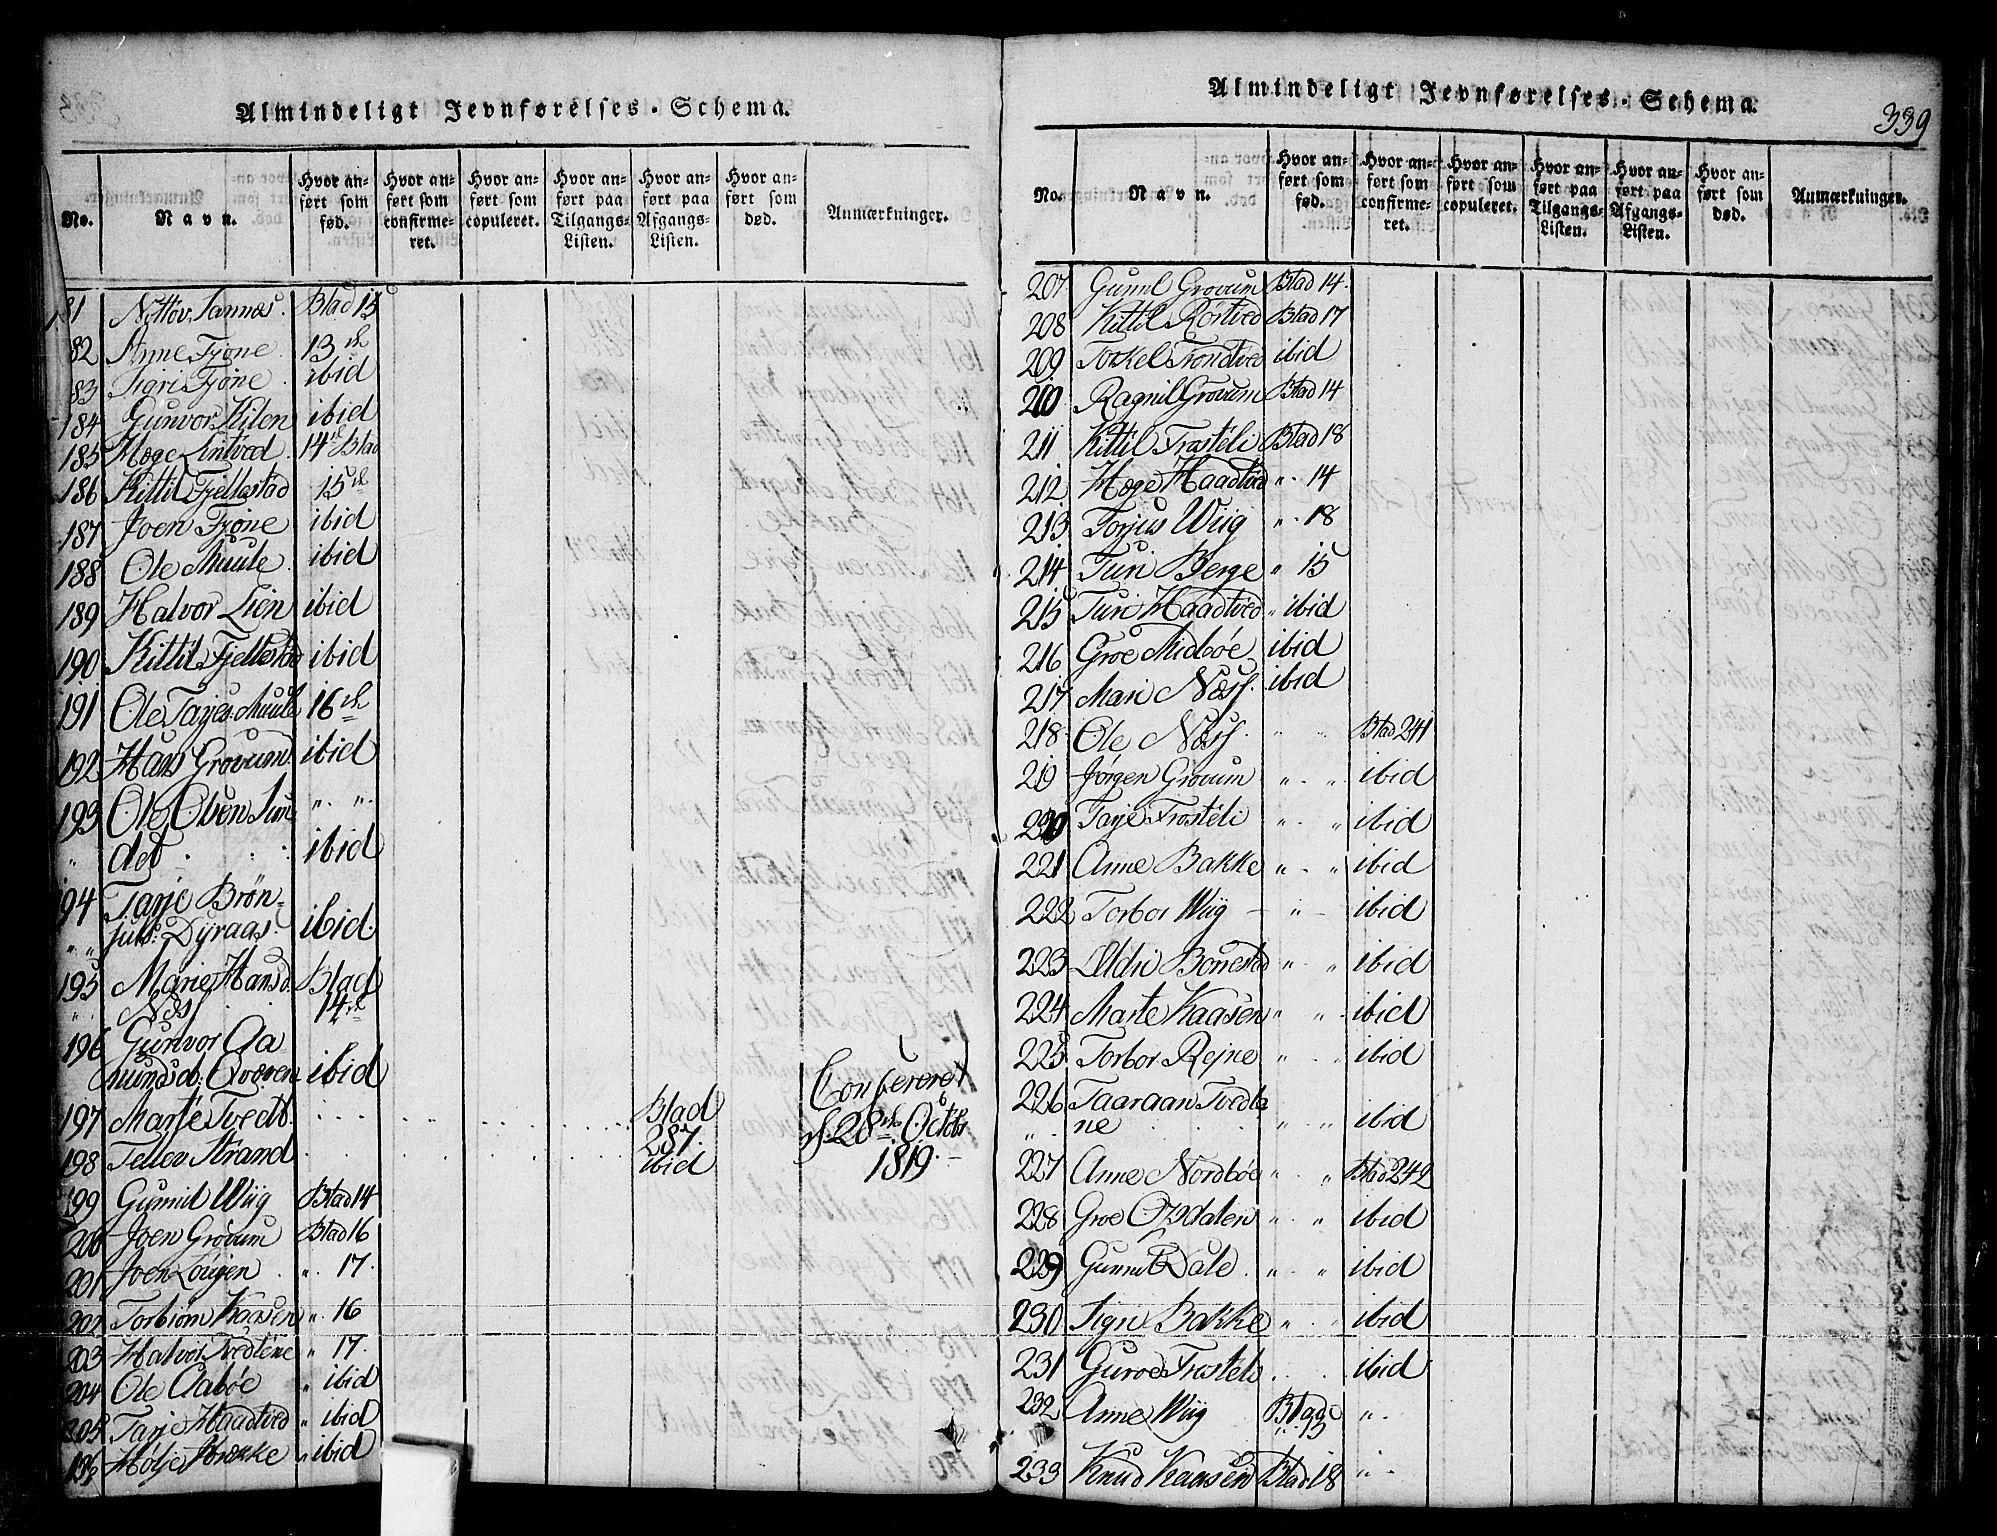 SAKO, Nissedal kirkebøker, G/Ga/L0001: Klokkerbok nr. I 1, 1814-1860, s. 339